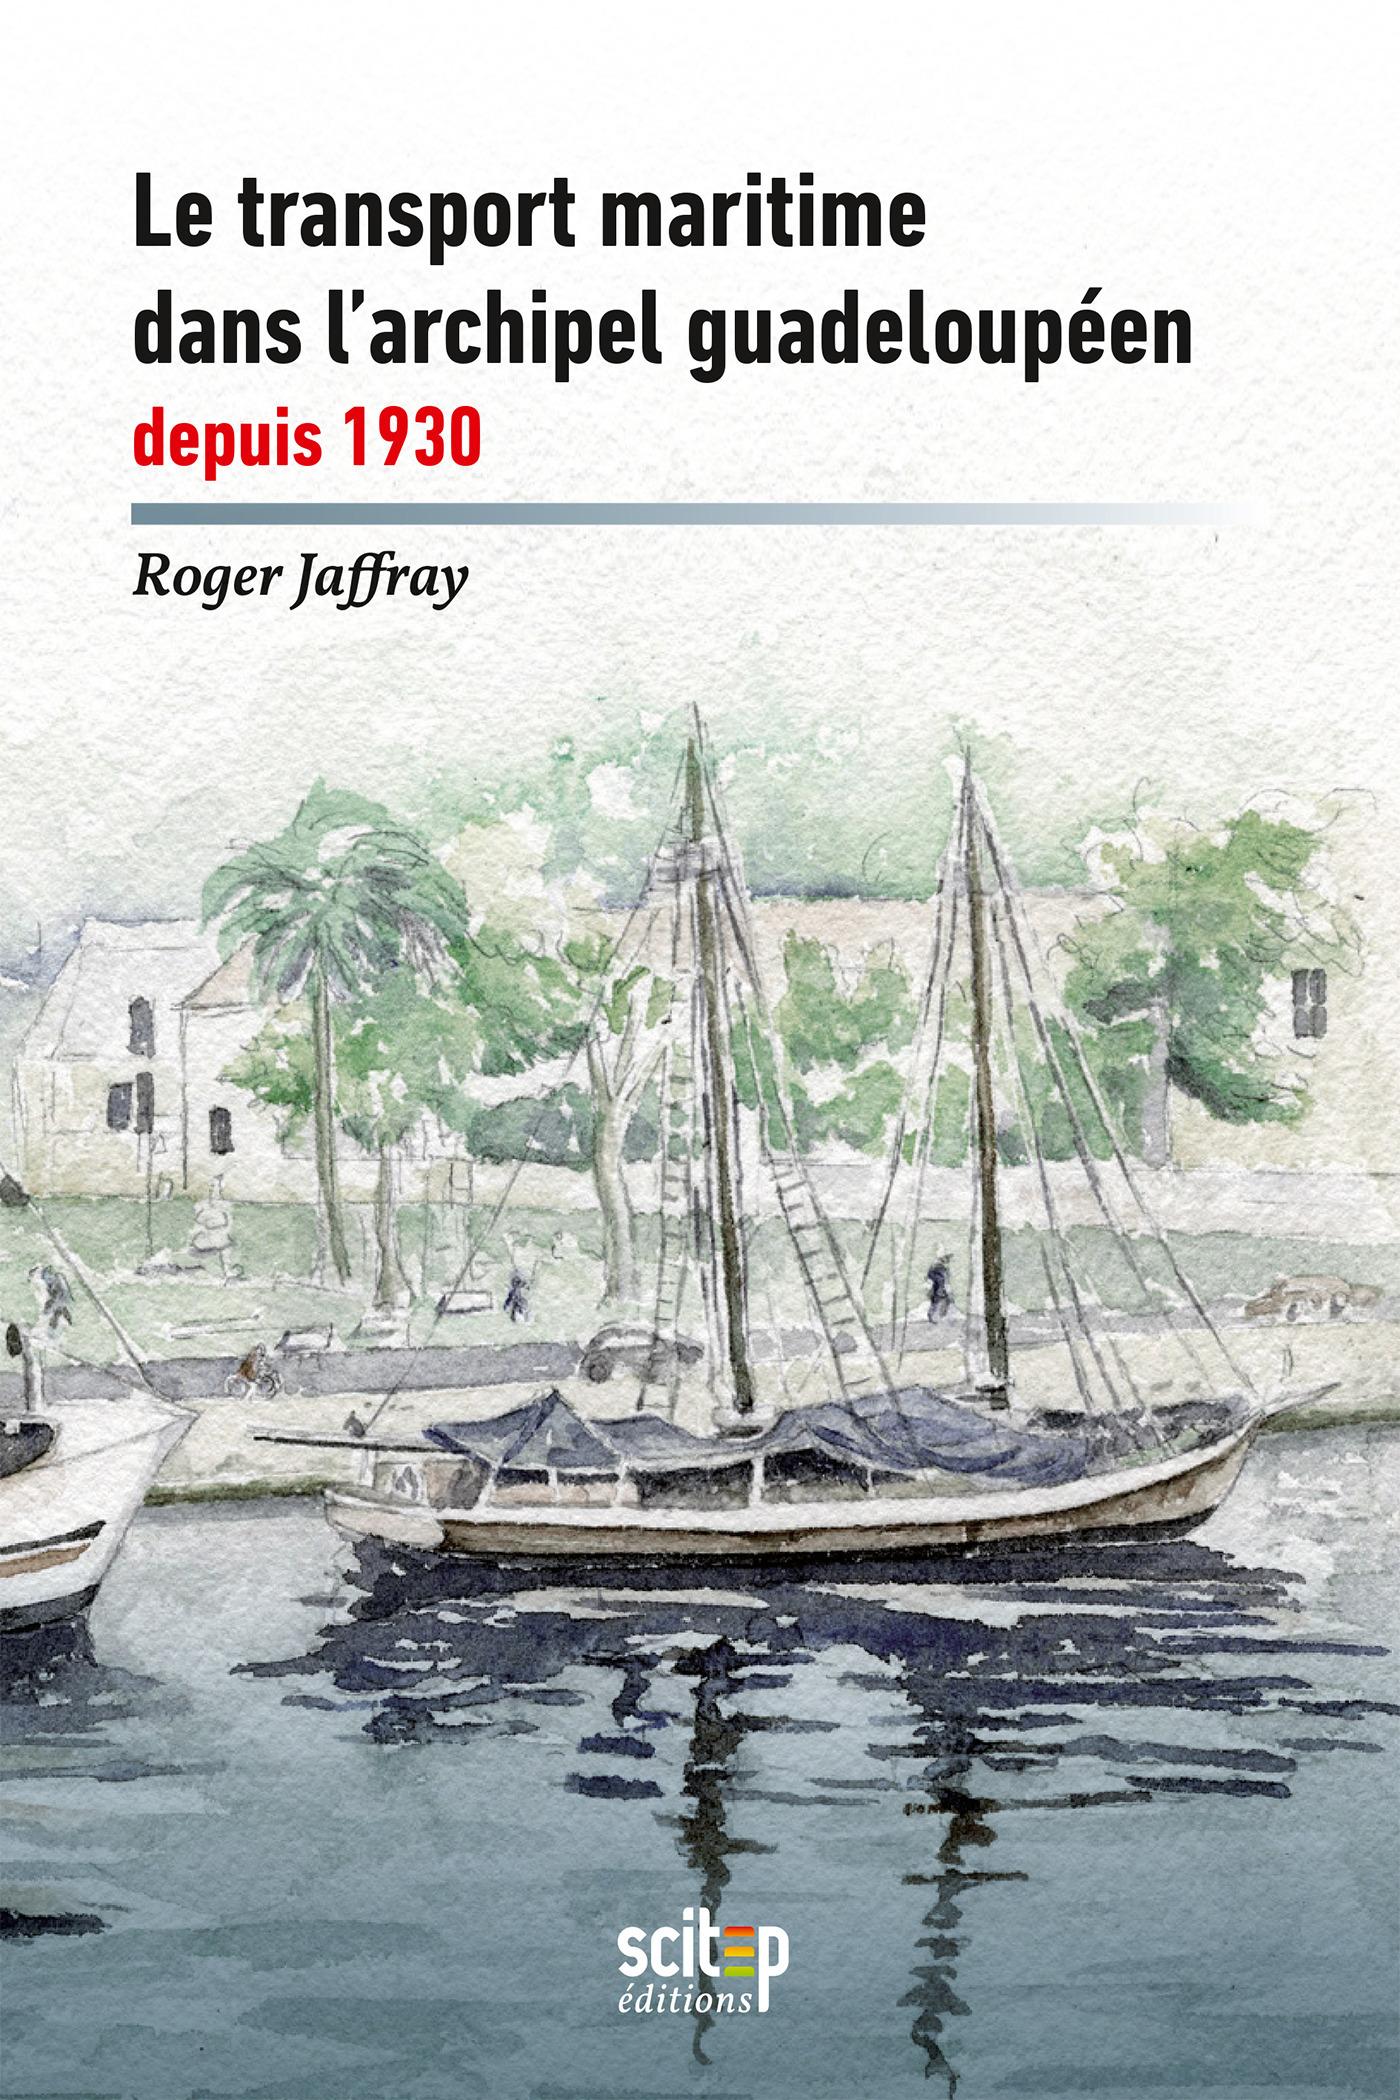 Le transport maritime dans l'archipel guadeloupéen depuis 1930